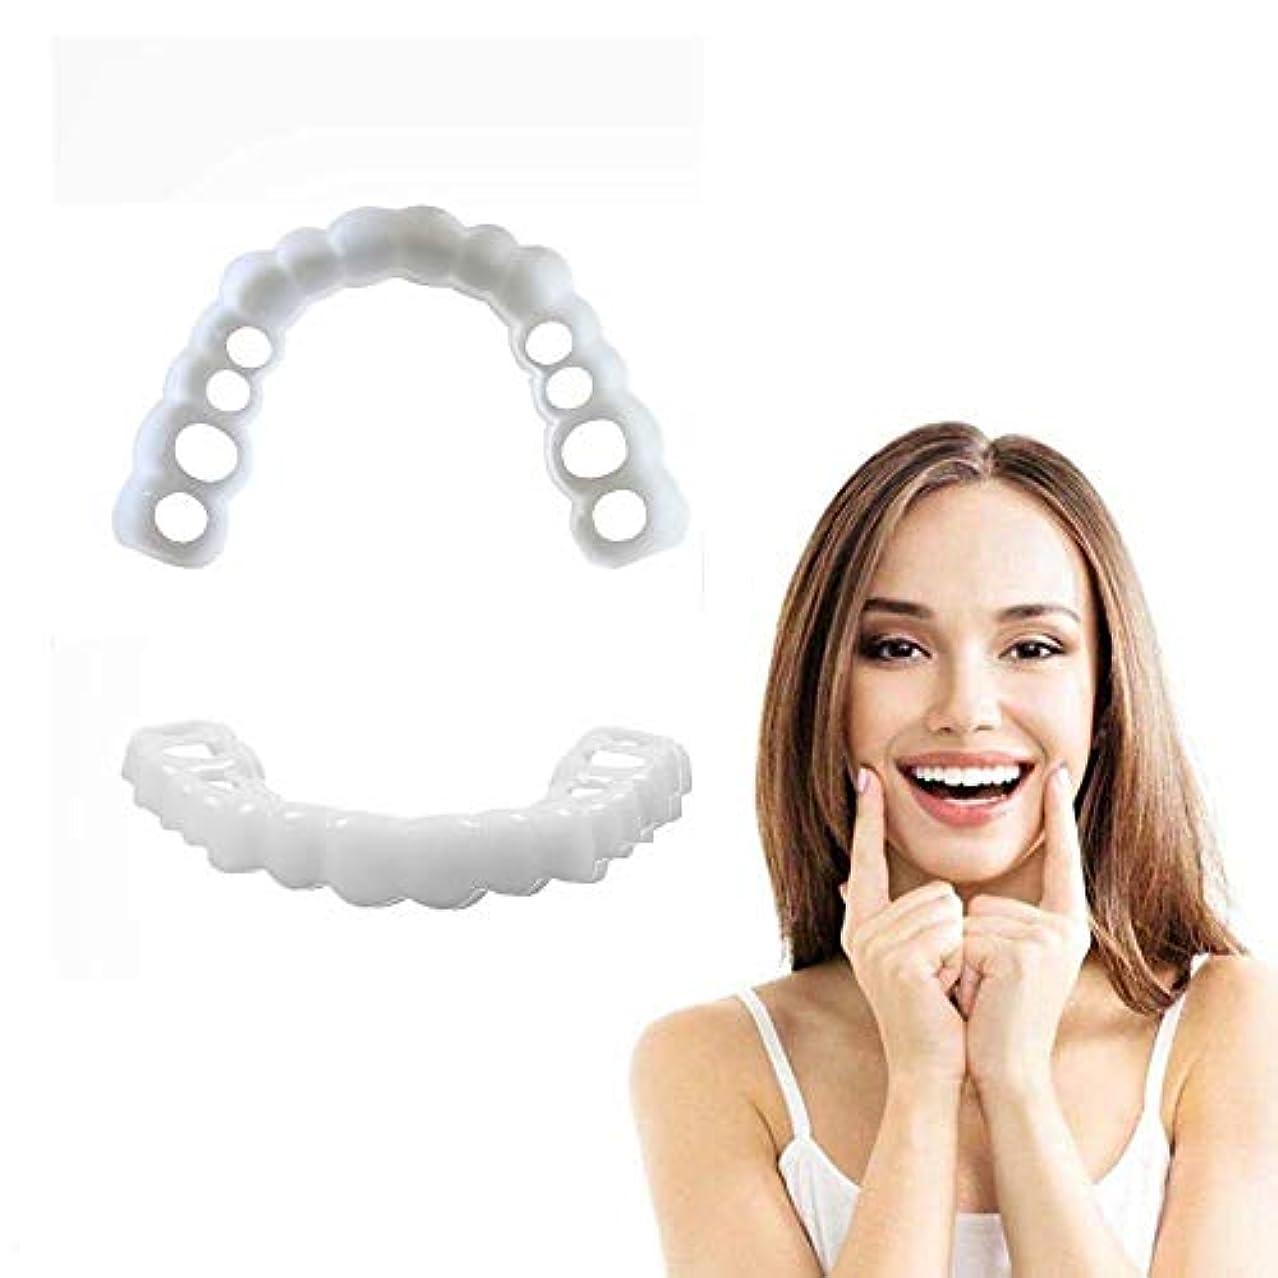 隠終了しました満了2対の歯義歯歯用化粧品テンポラリースマイルコンフォートフィット化粧品用義歯(ホワイト),7Pairs